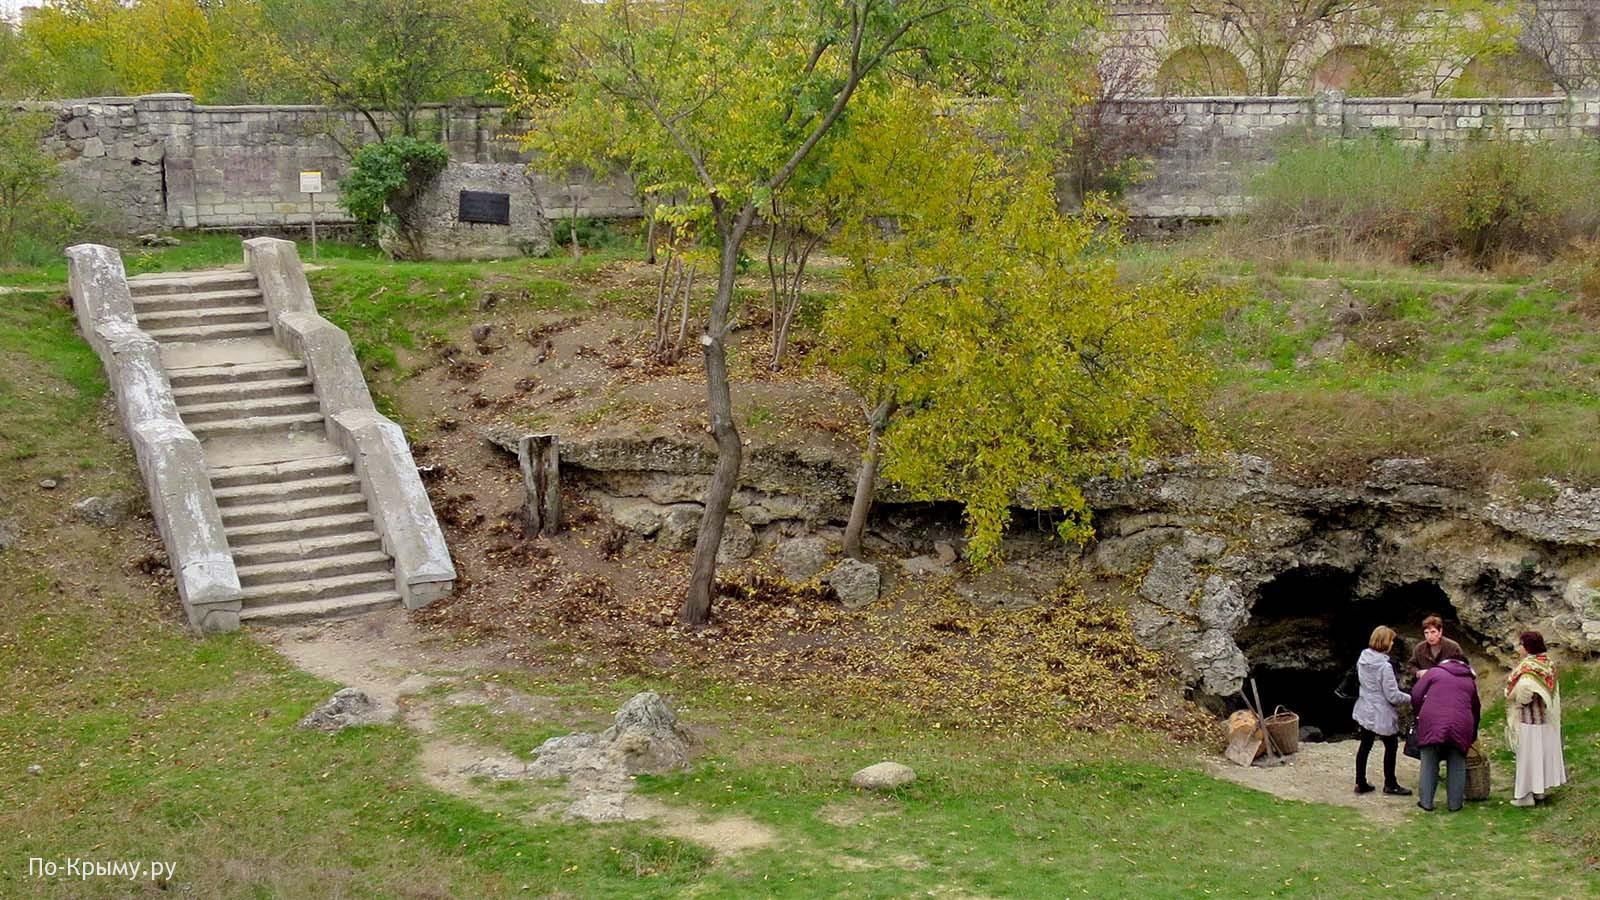 Следы подземно-минной войны в Севастополе, I Оборона